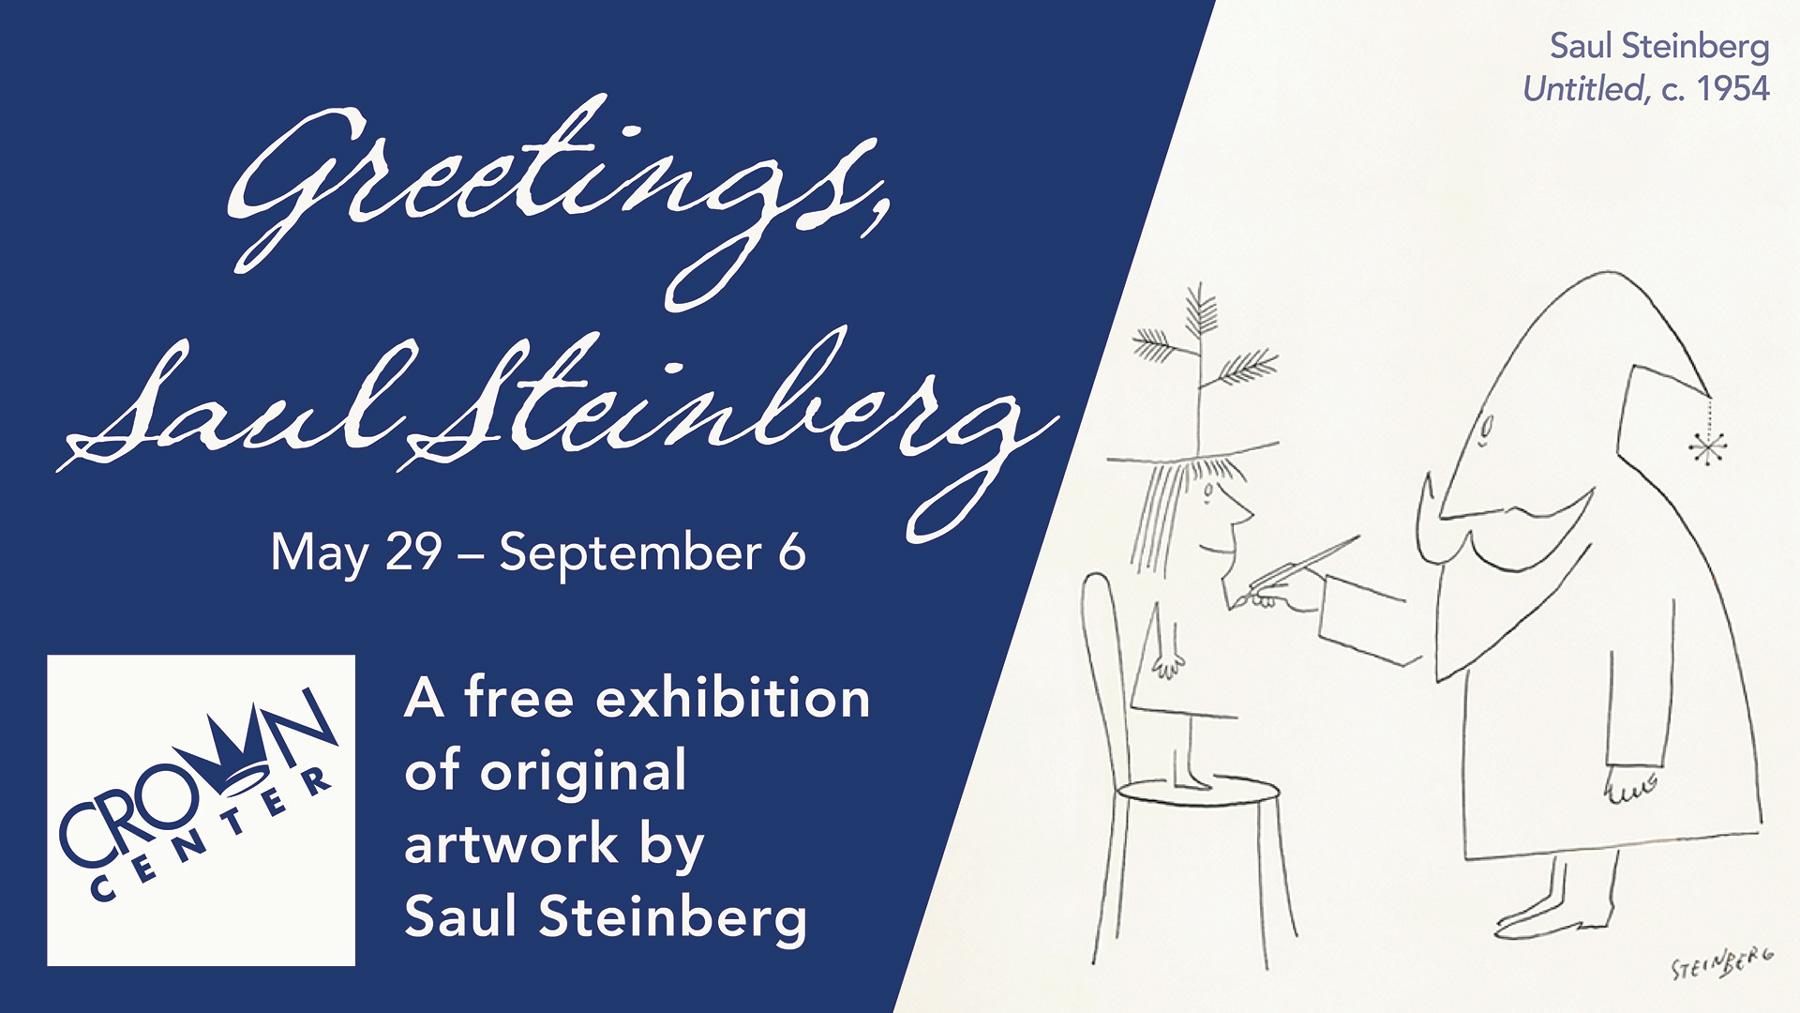 Greetings, Saul Steinberg